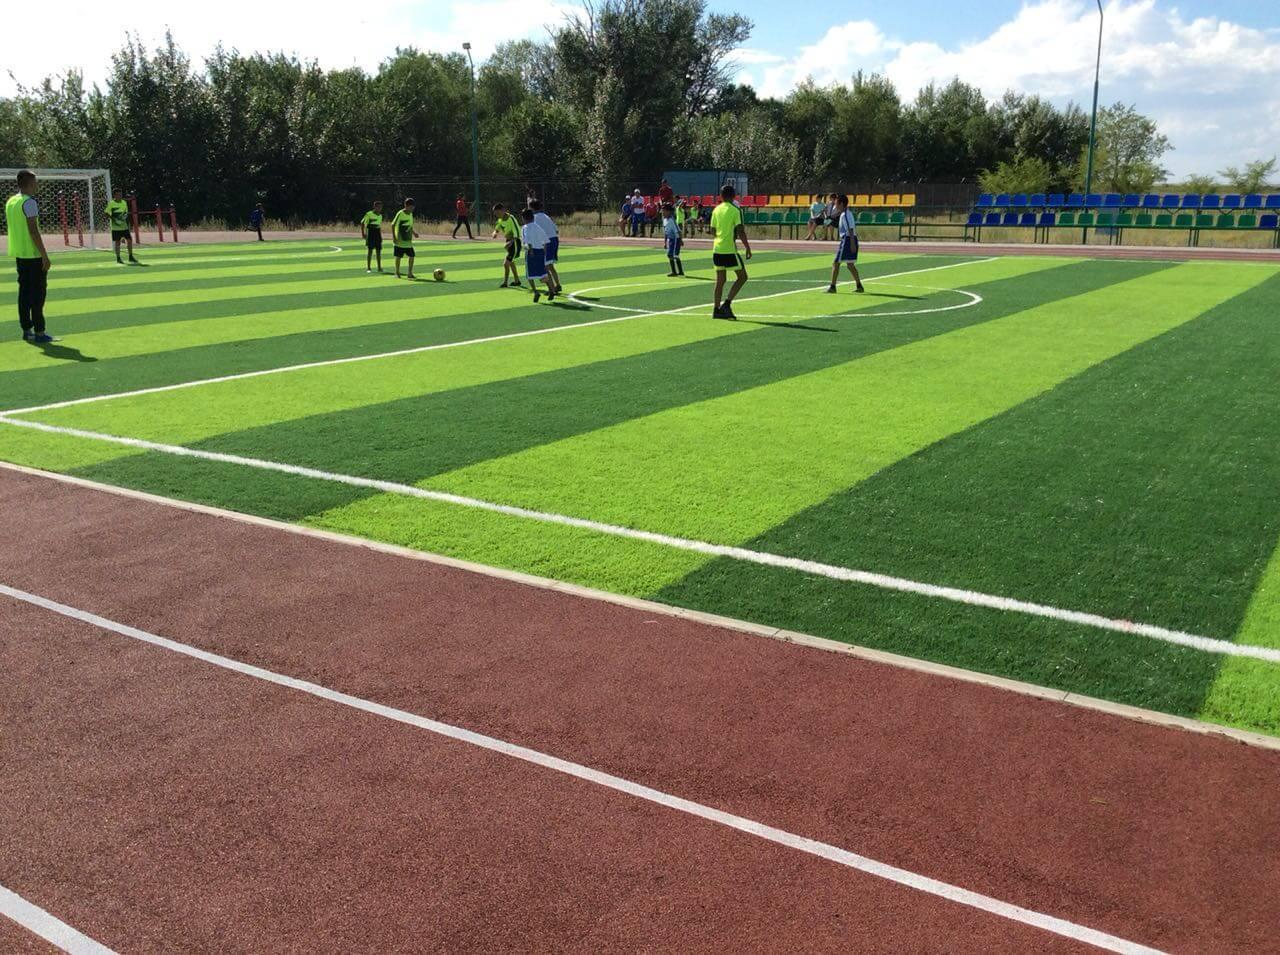 мини футбольное поле (картинка 2)